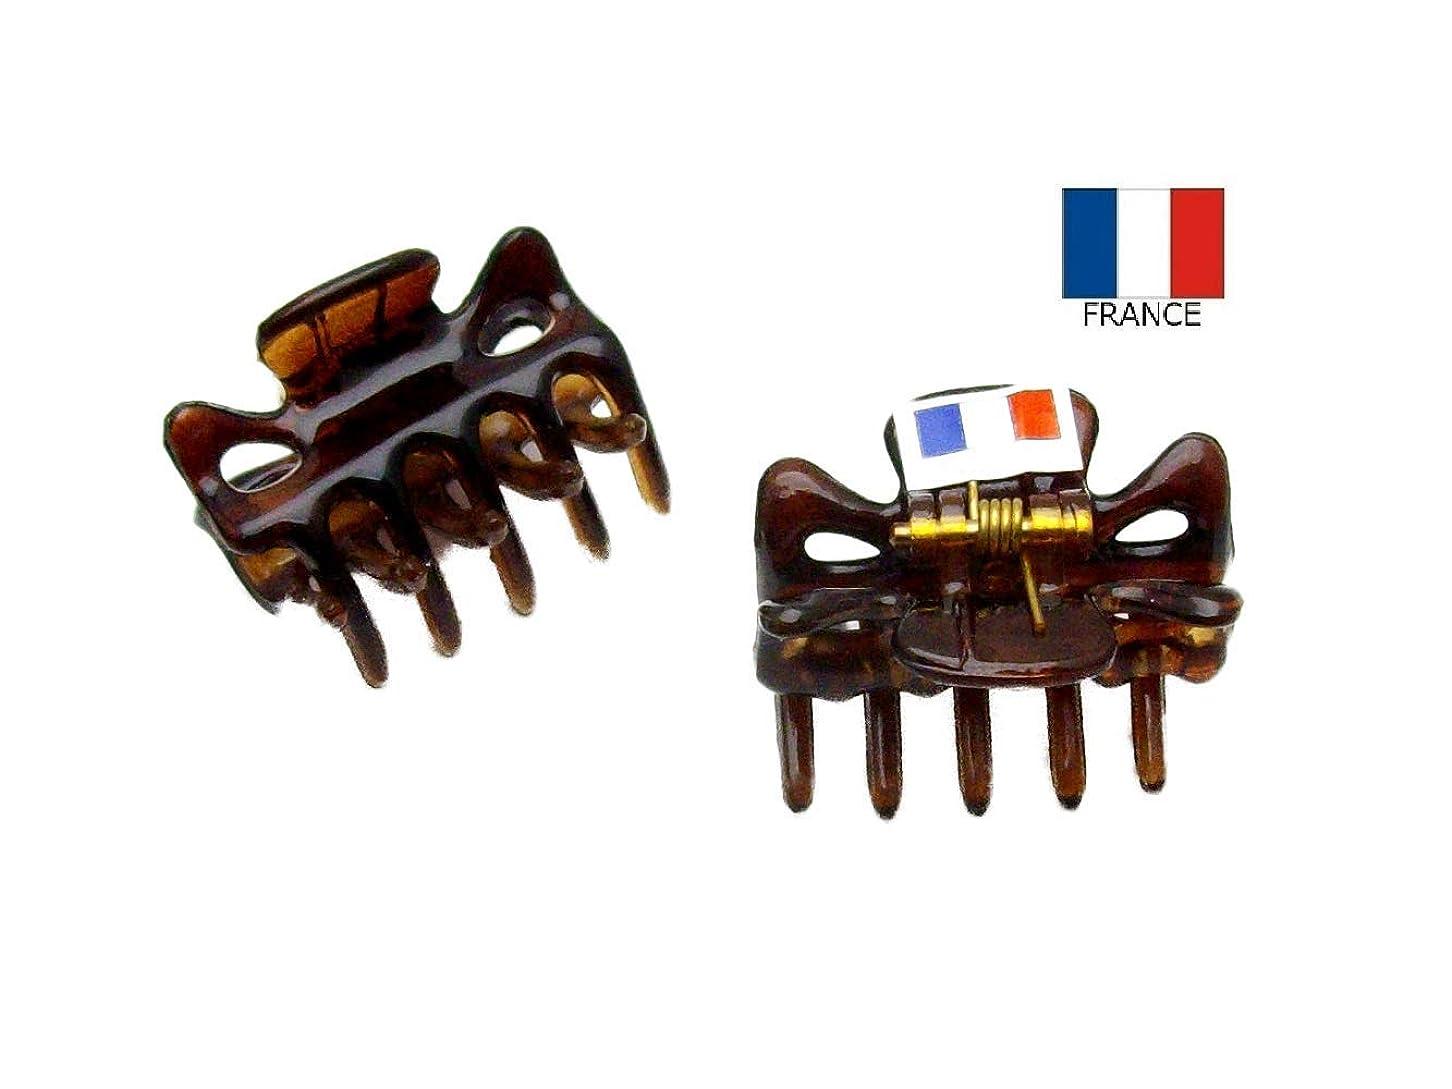 大きさそれぞれストリップ【Made in France】 バンスクリップ ミニミニ 2.7cm 2個セット ベッコウ